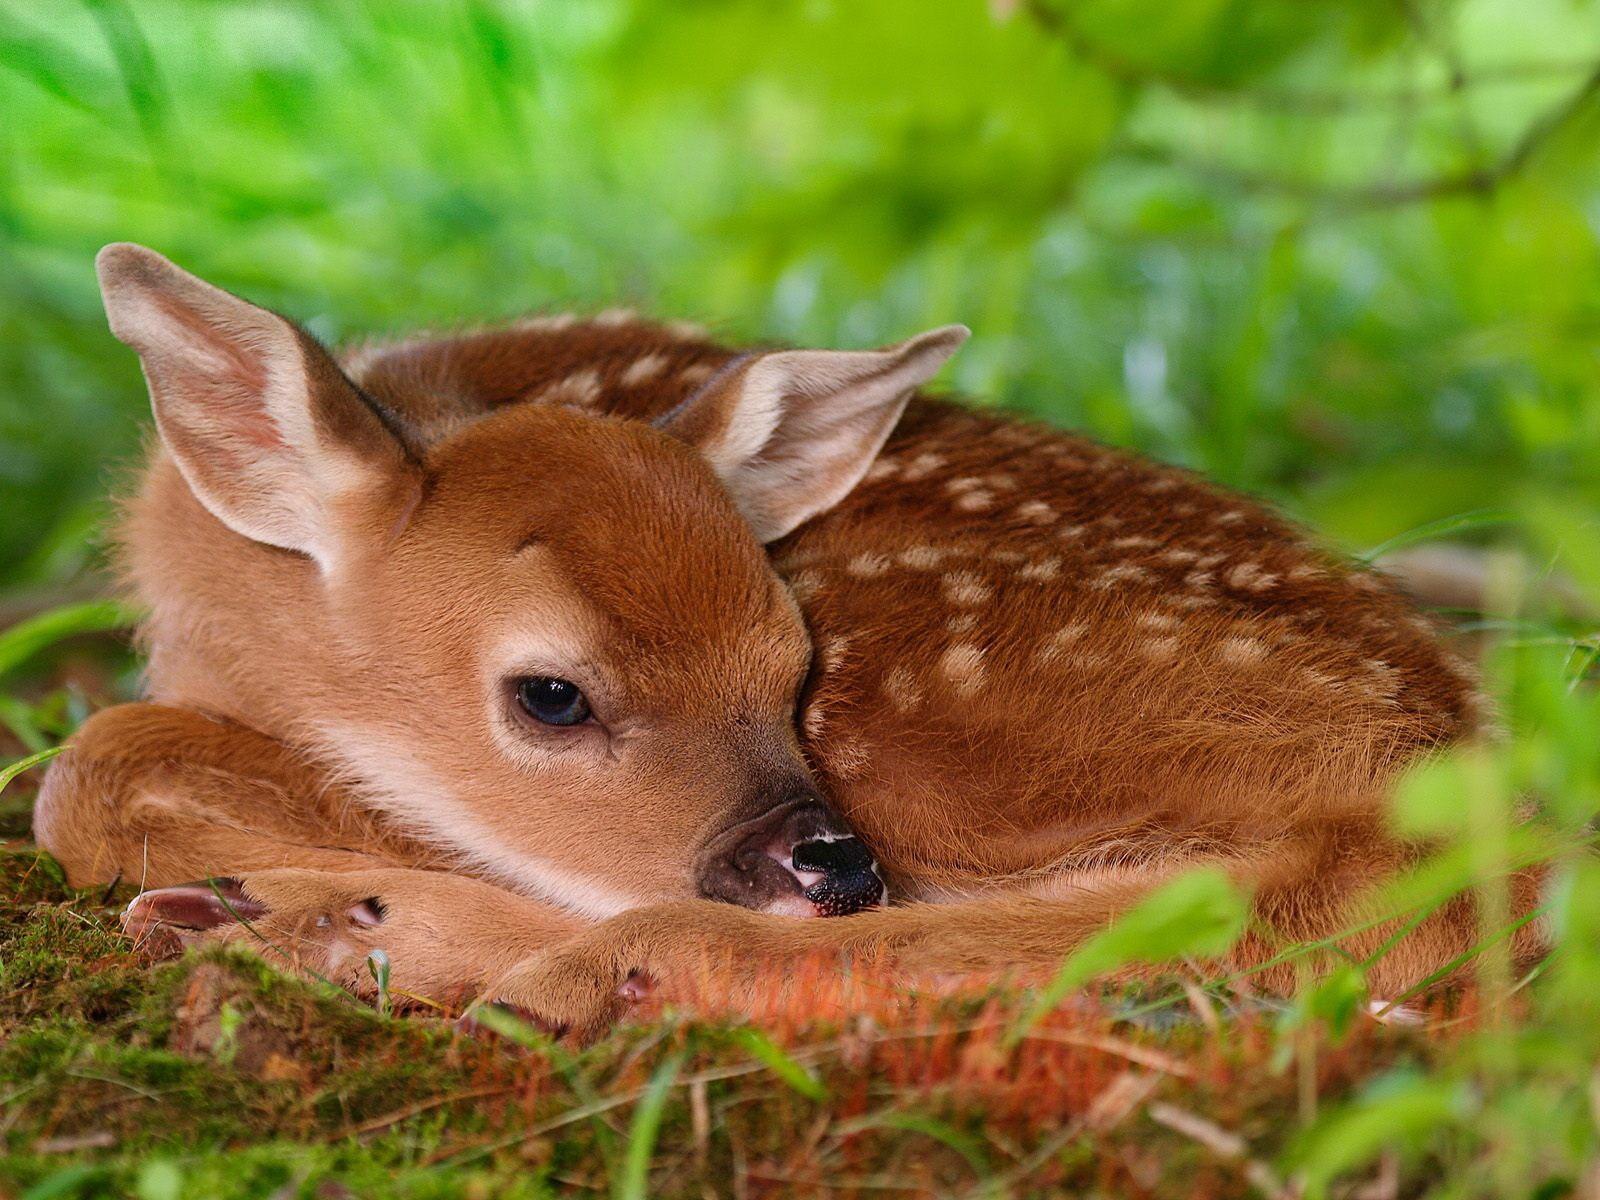 Fondos De Pantalla De Animales Bebes: Fondos De Pantalla : Ciervo, Animales, Césped, Fauna